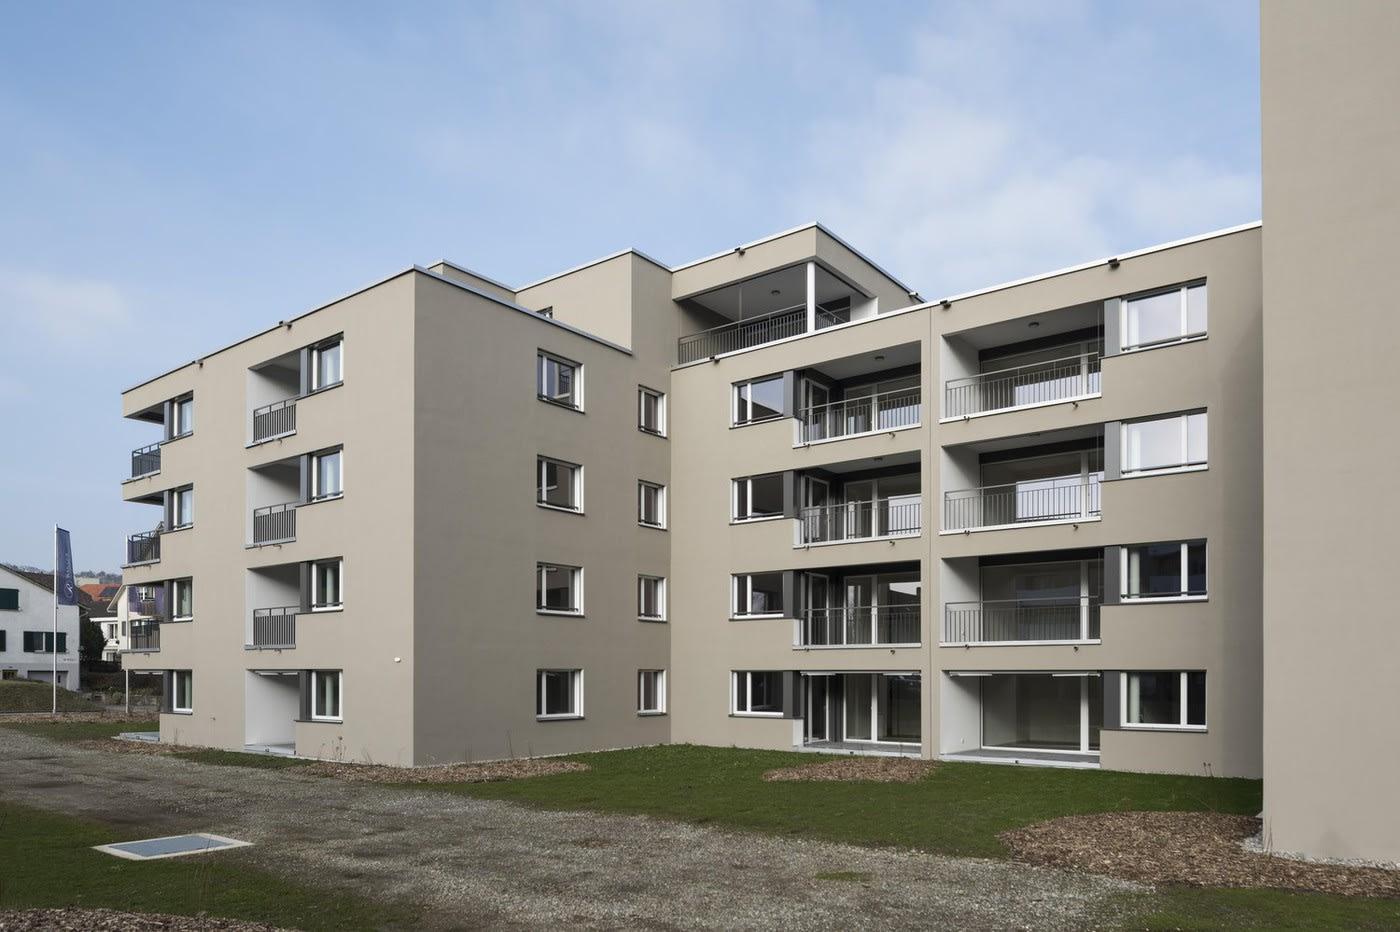 Neutalstrasse 2